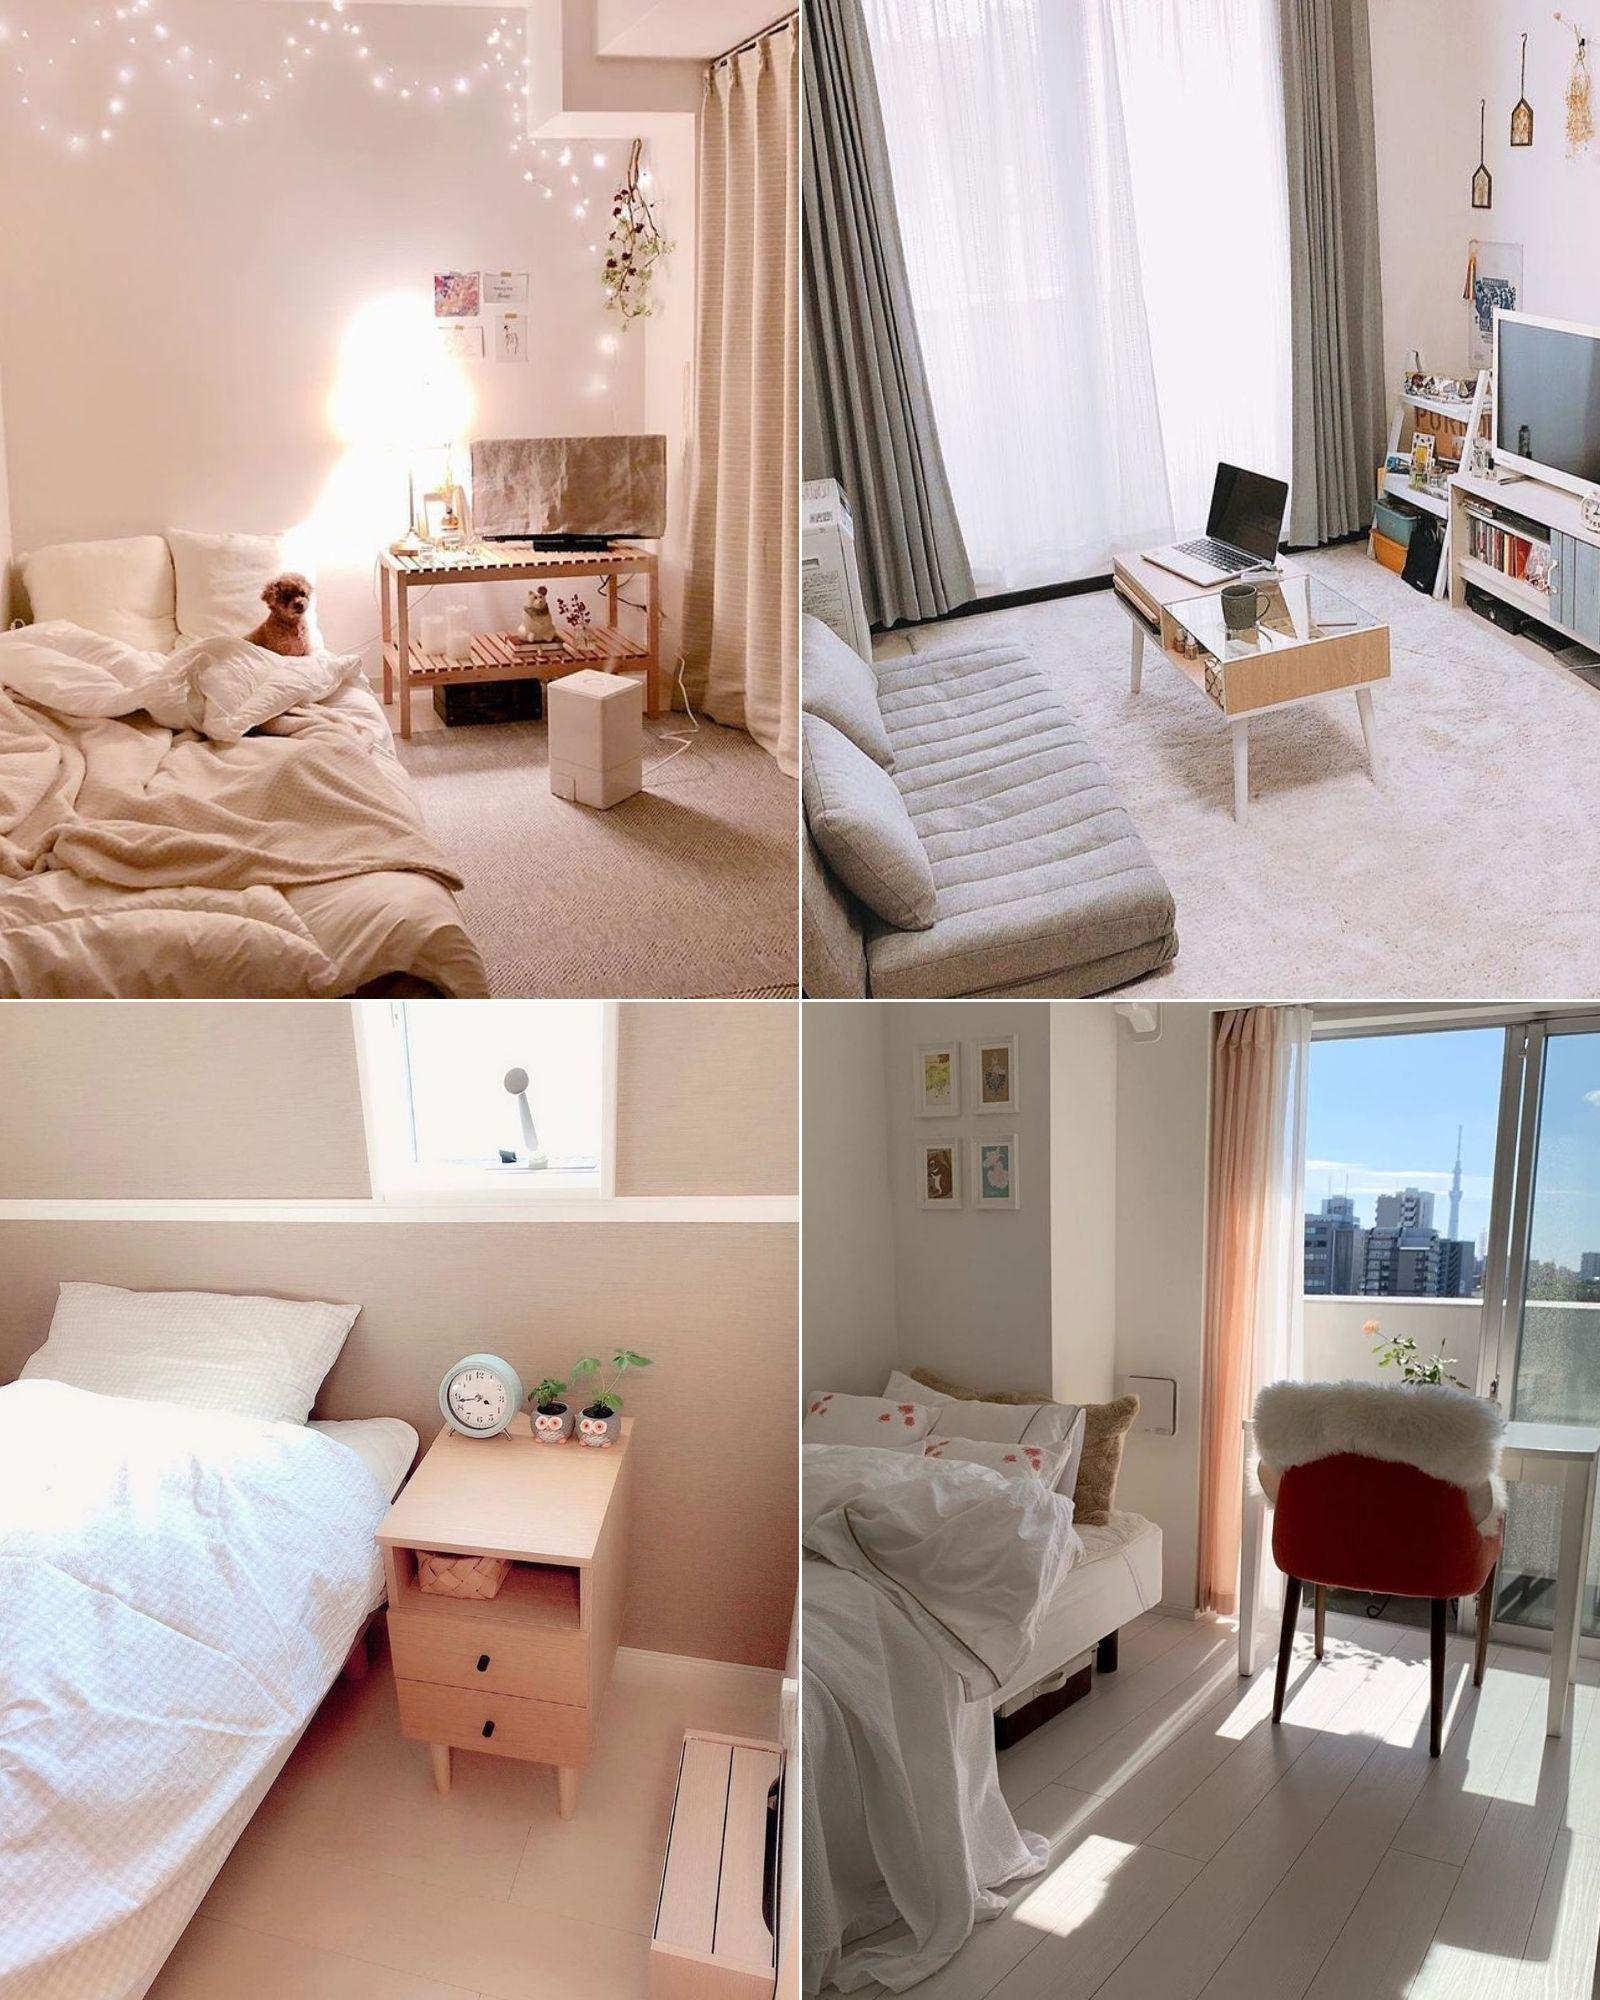 Tài khoản Instagram @design_room_official truyền cảm hứng trang trí phòng